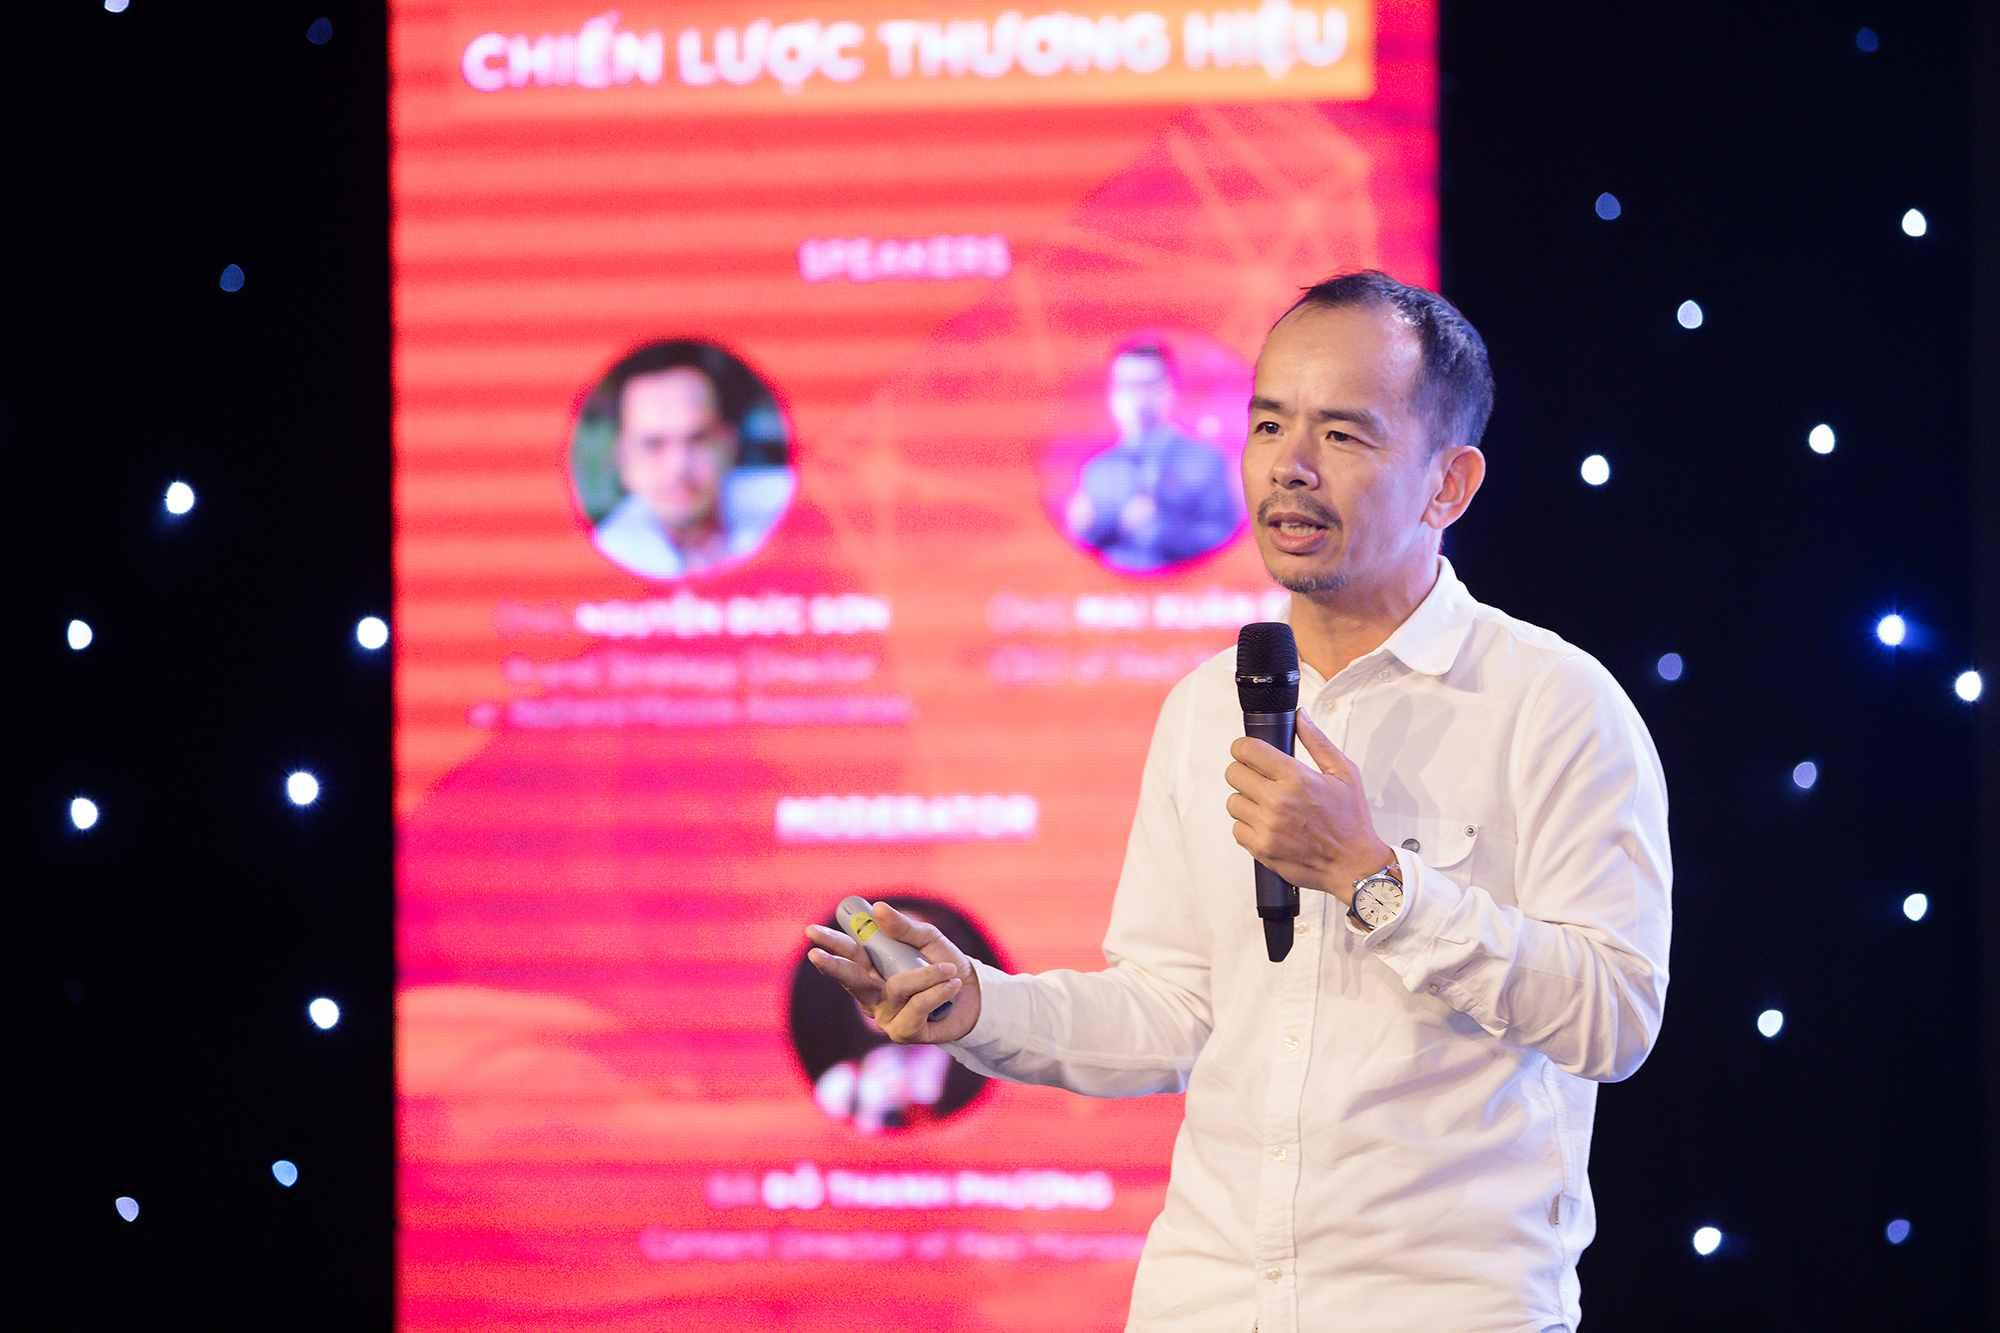 huấn luyện viên Nguyễn Đức Sơn chiến lược khác biệt hóa sản phẩm